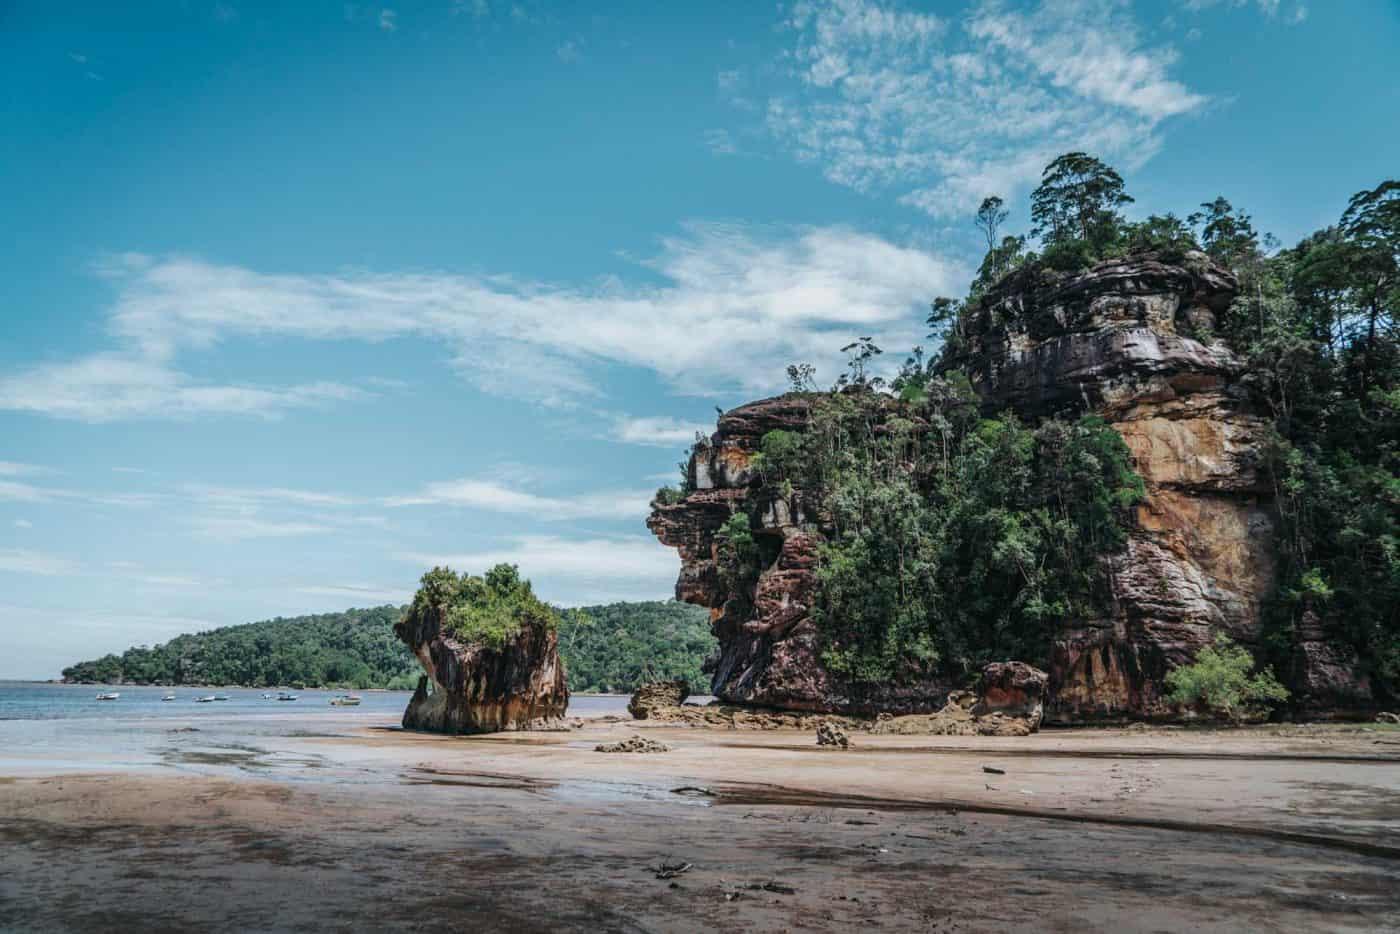 Recorre el Parque Nacional Bako selva tropical, manglares y mar en uno de los parques nacionales más lindos de Malasia 5